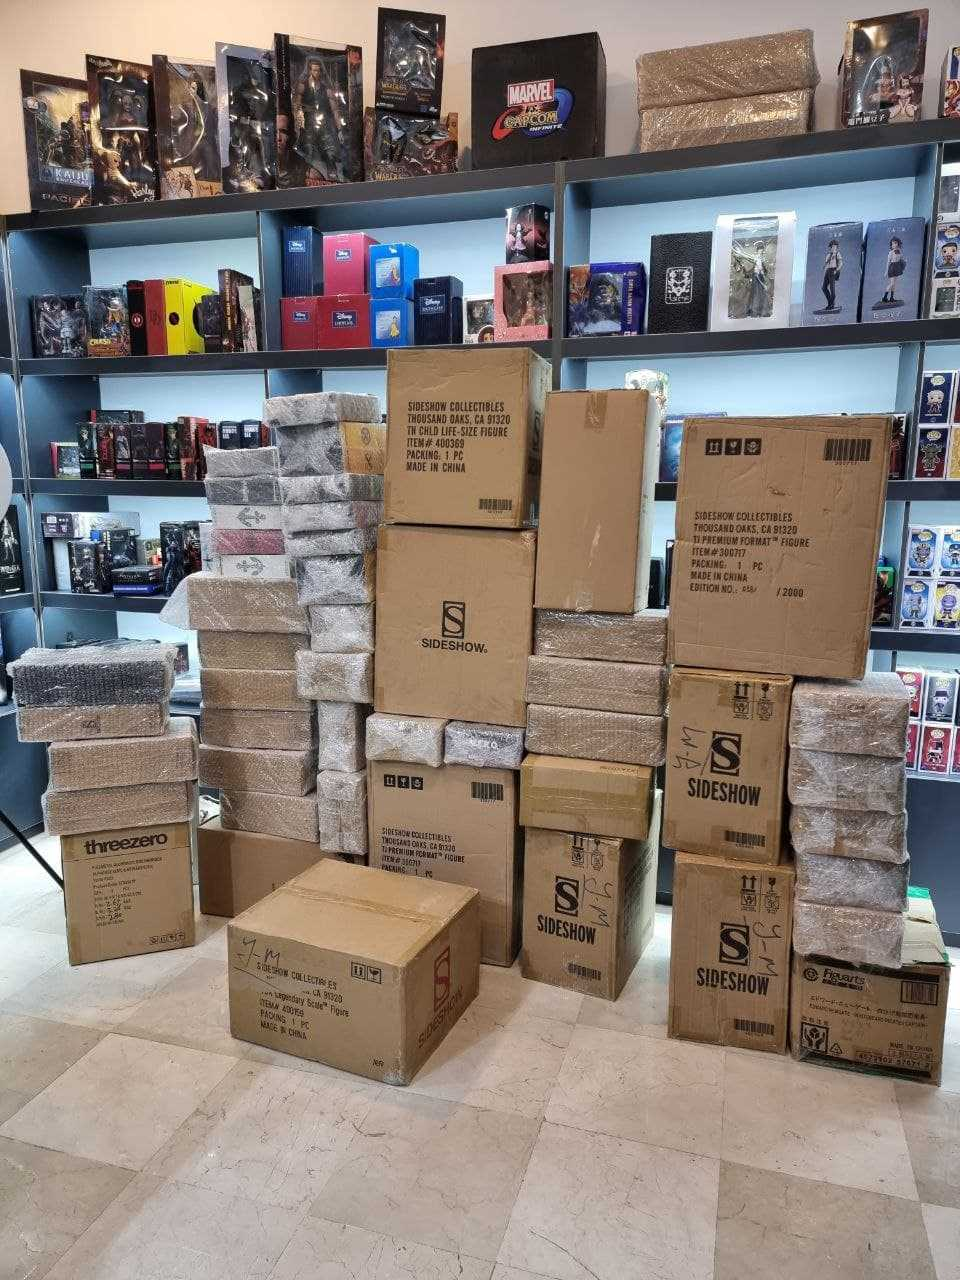 تقریبا 99 درصد محصولات سایدشو داخل Brown Box یا به اصطلاح Shipper box ارسال میشن